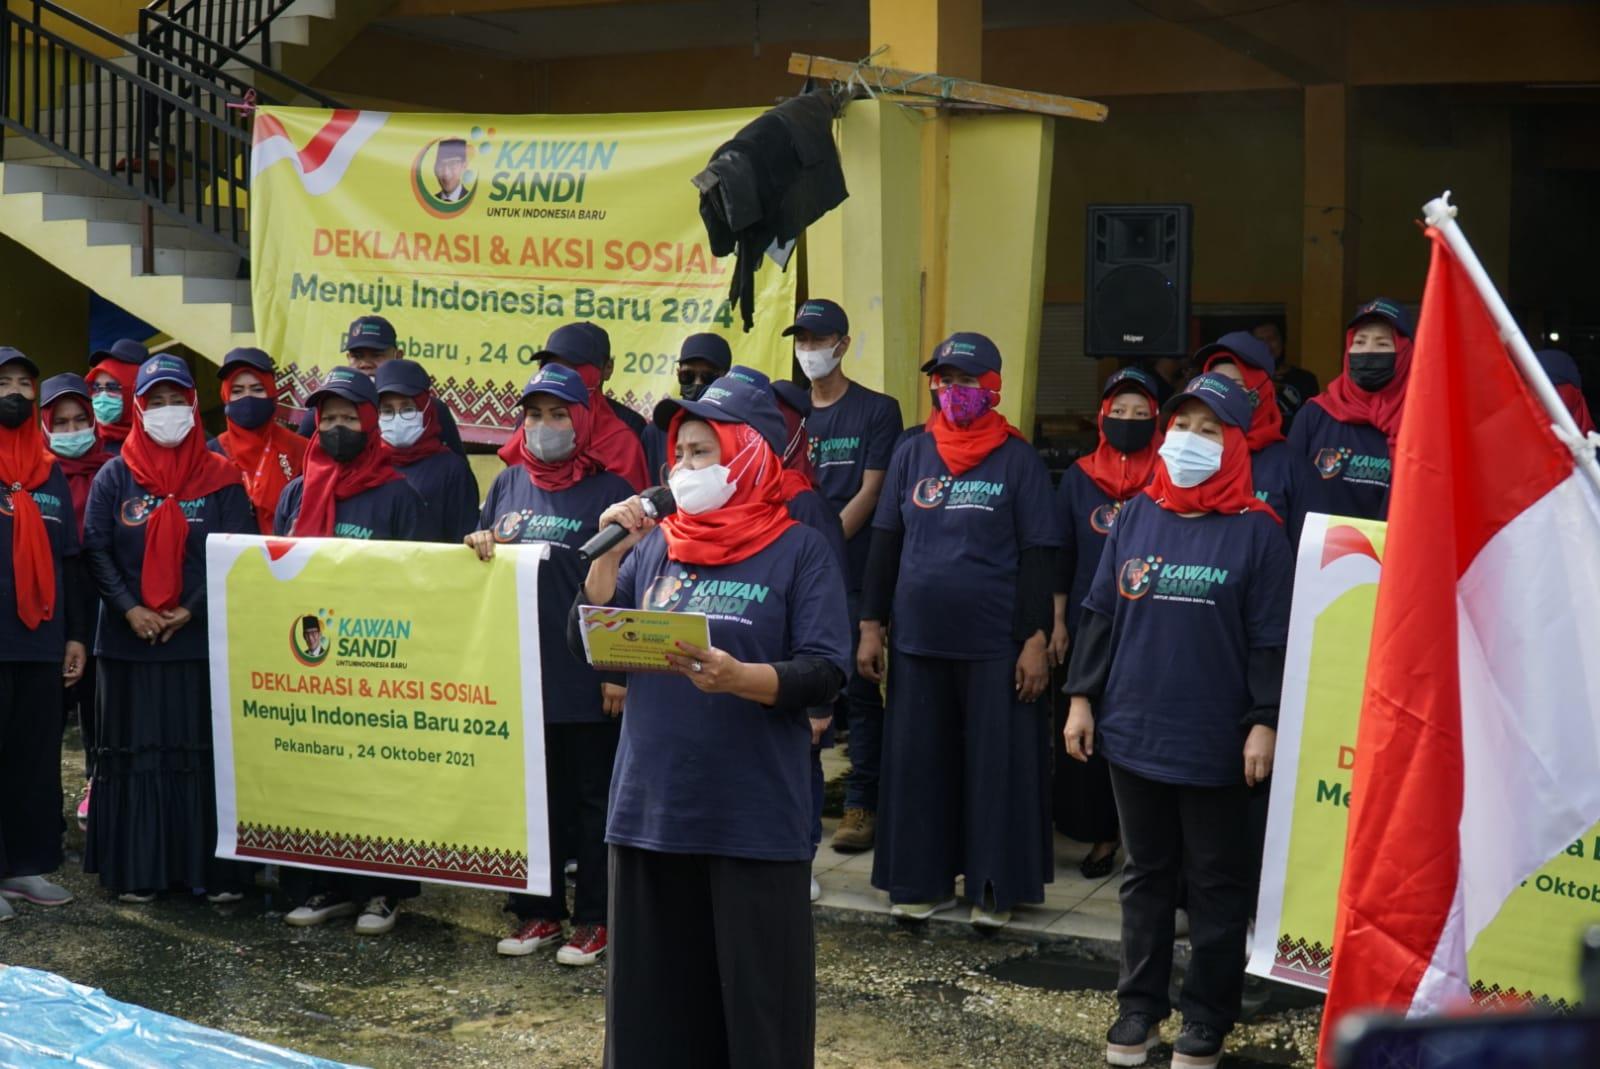 RKS Pekanbaru Deklarasikan Sandiaga Uno Calon Presiden 2024